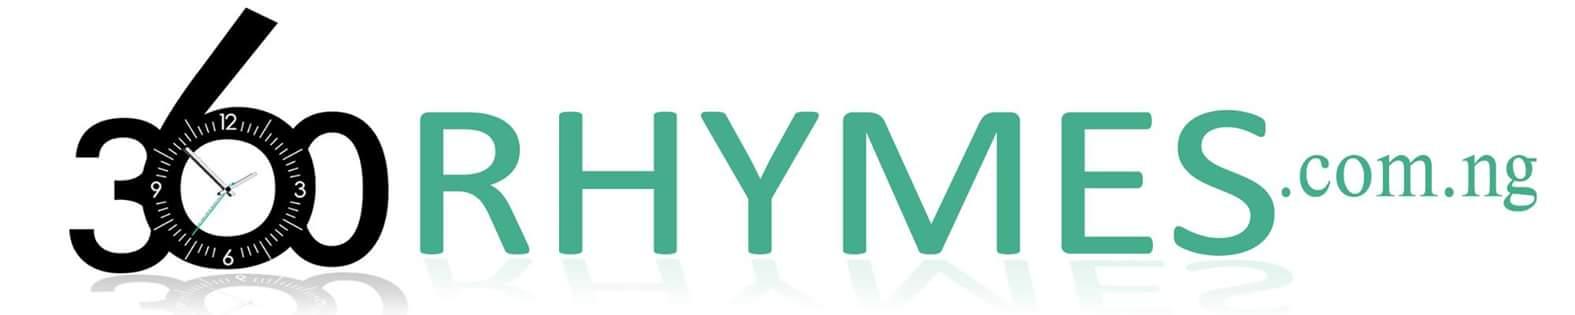 360rhymes